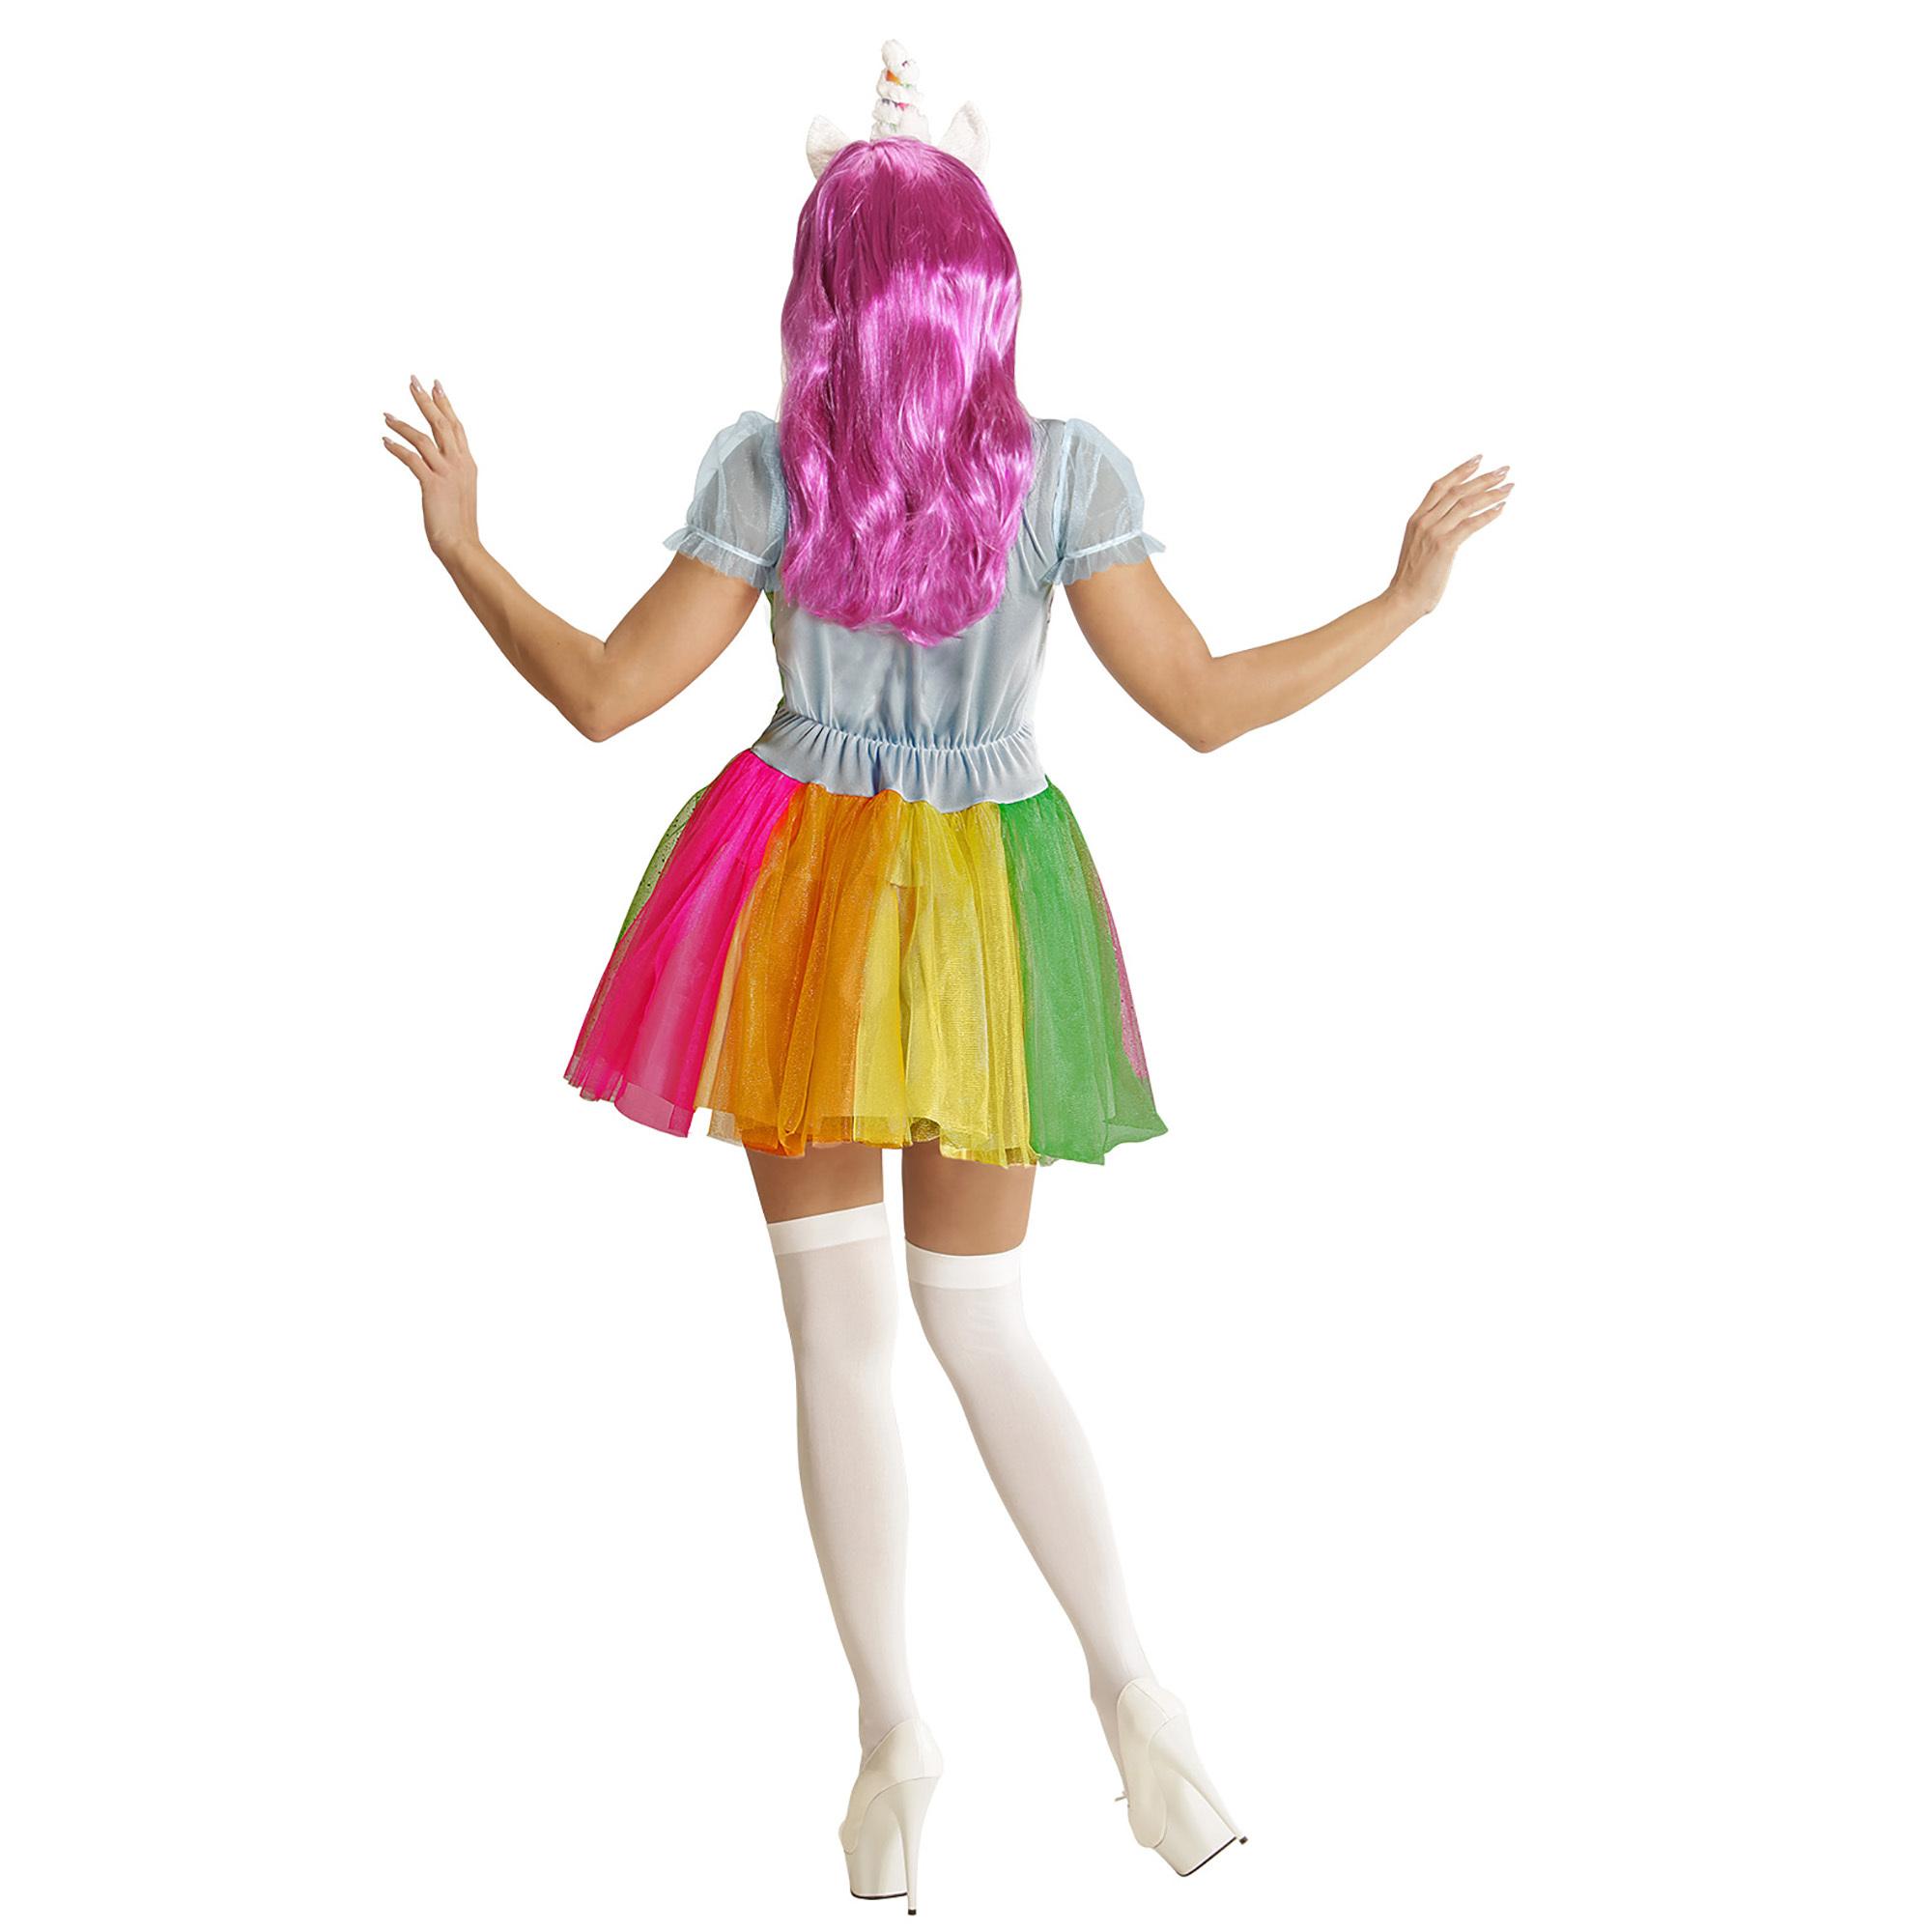 Regenboog Kleurrijke Eenhoorn Dame Regenboog Eenhoorn Kleurrijke Jurk Jurk xCQBtsrohd